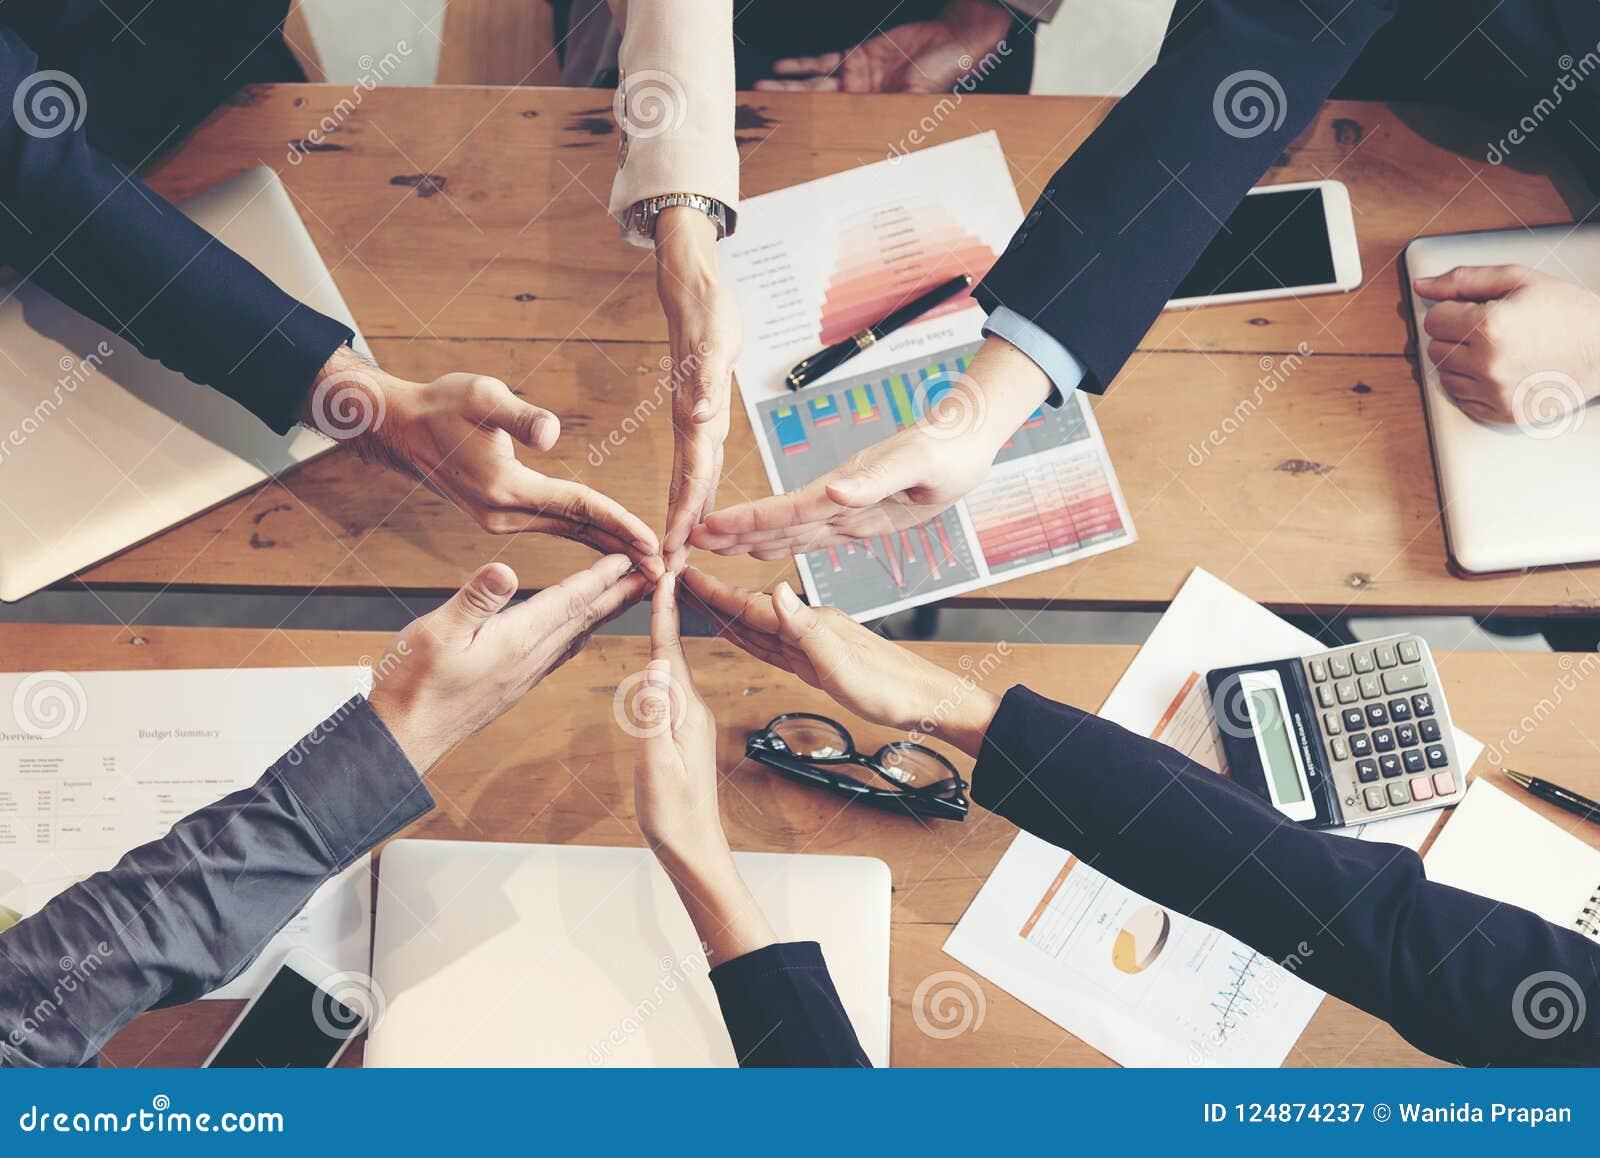 Partners Team sammanfogande händer för arbete till framgång tillsammans Affärslagbunt av händer för övre projekt för stjärna